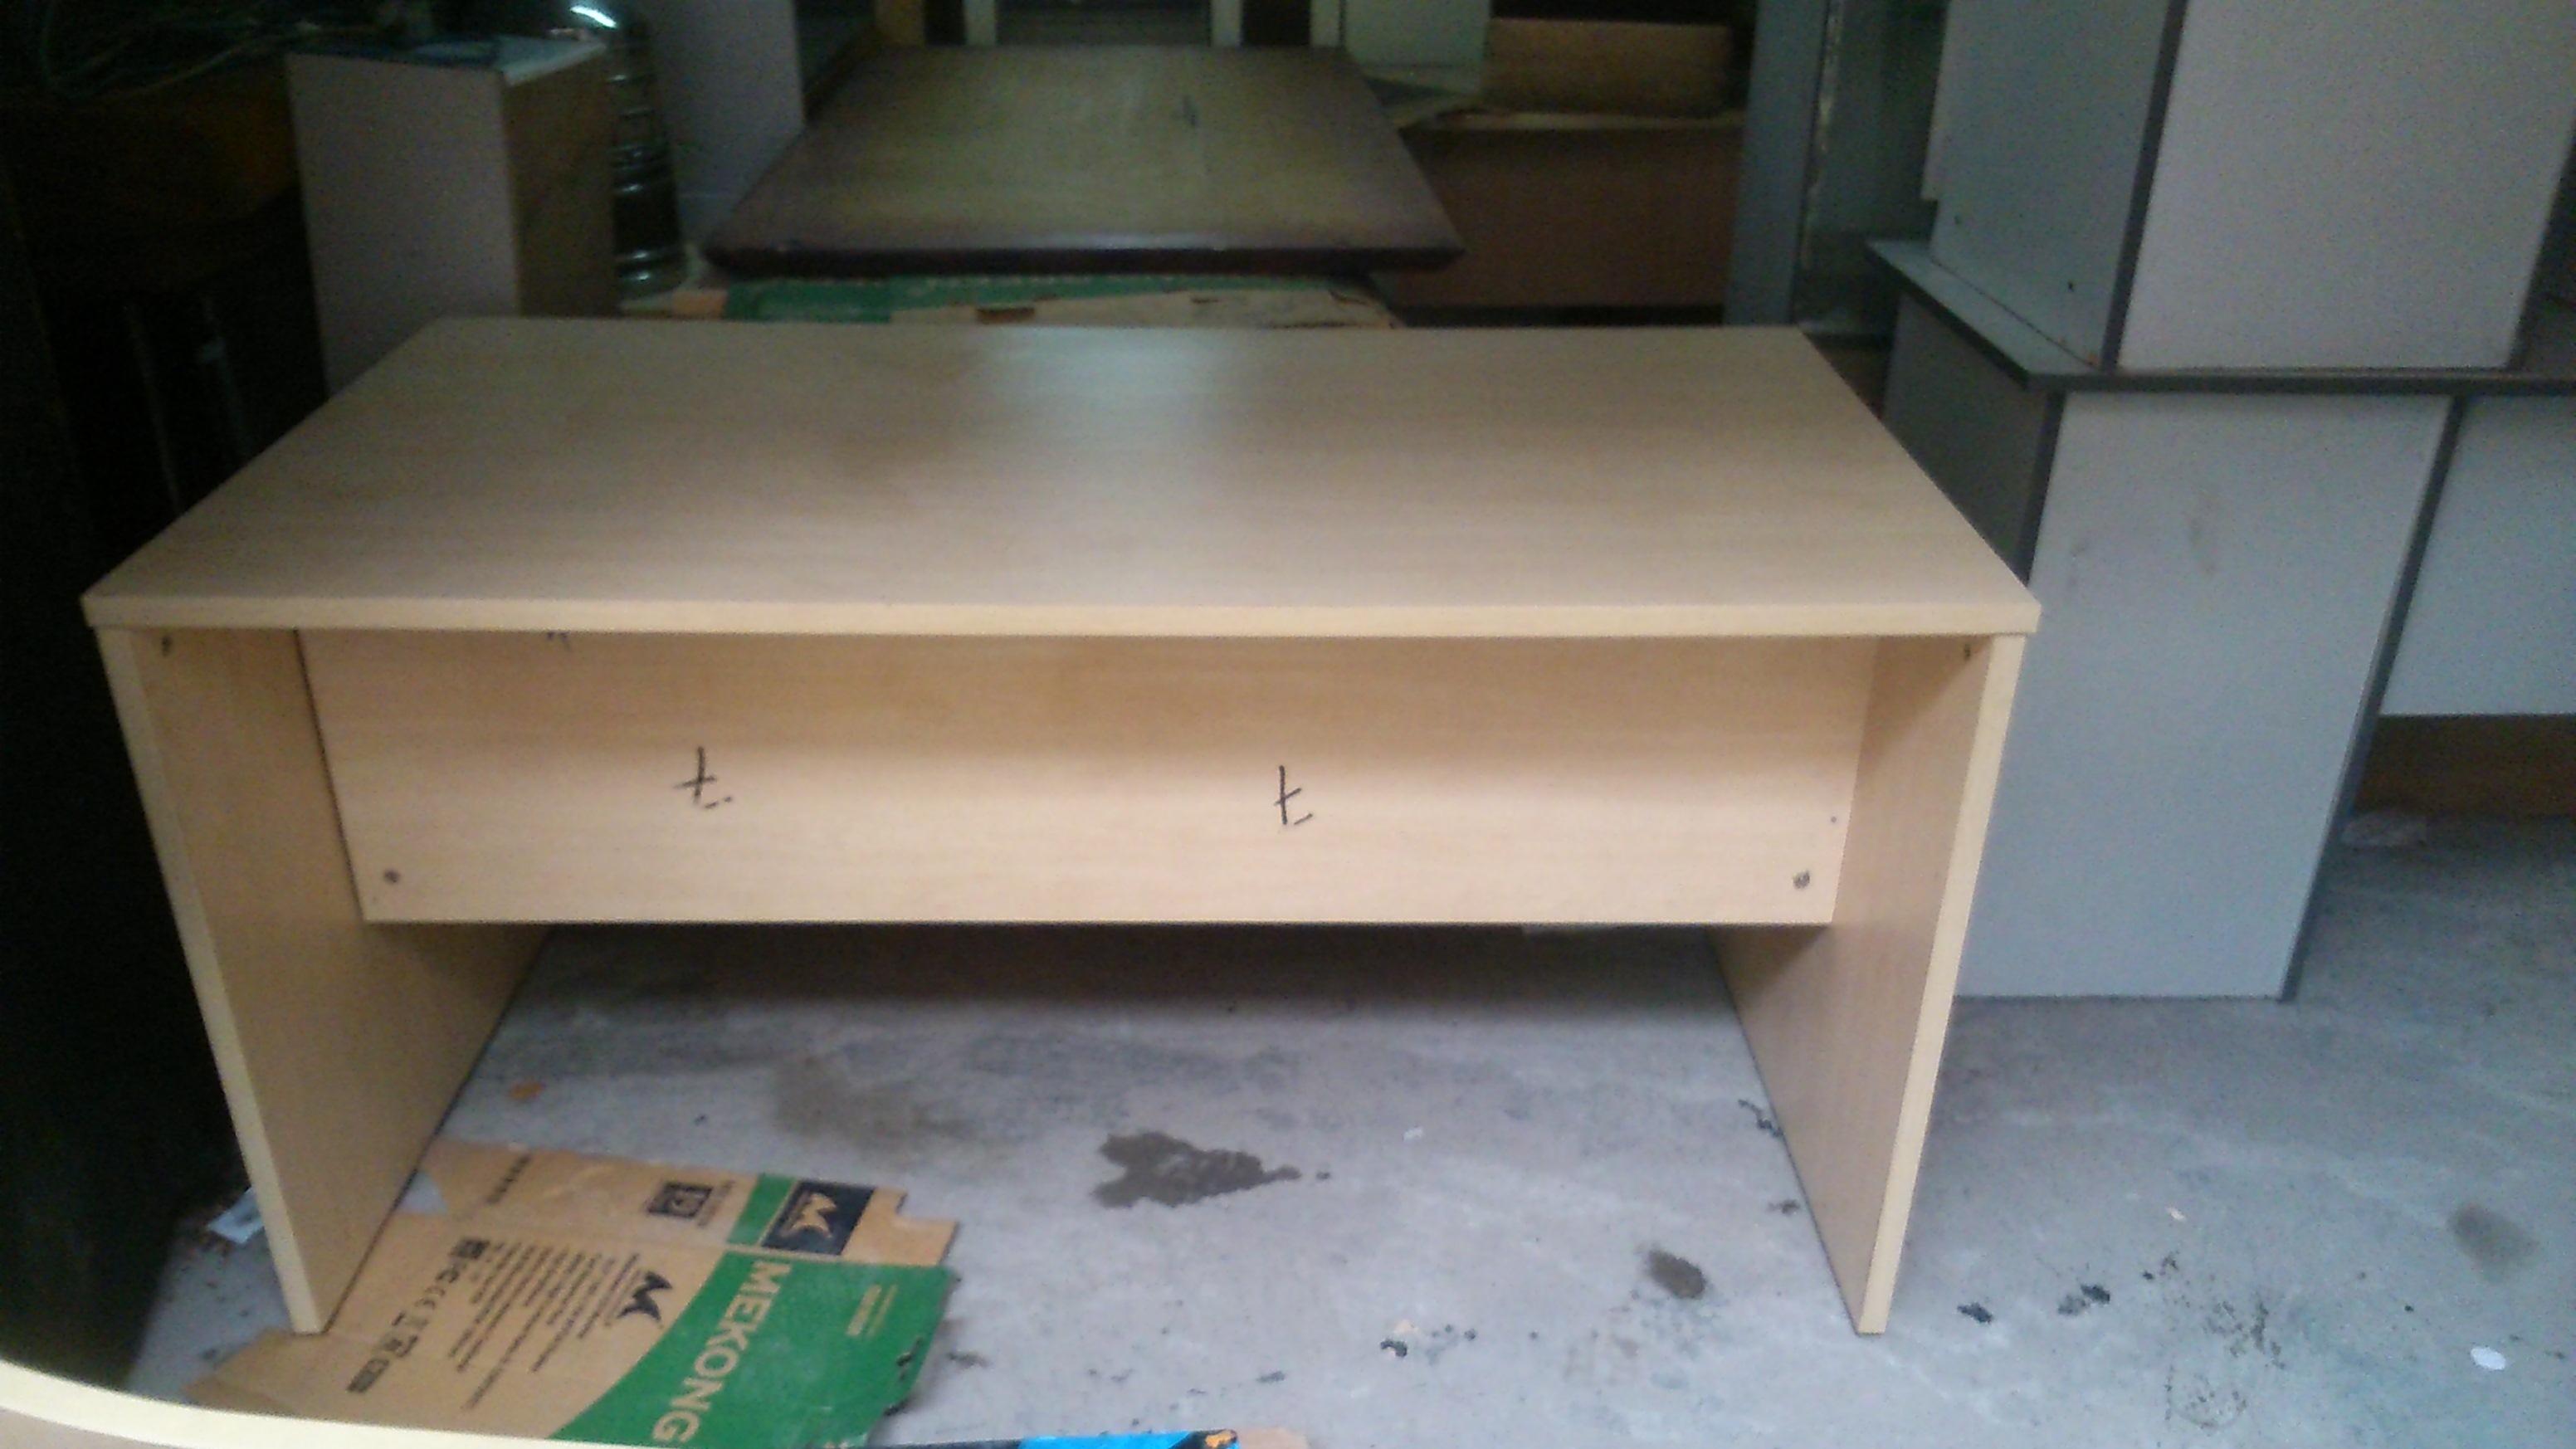 Thanh lý bàn văn phòng gỗ MDF 0195